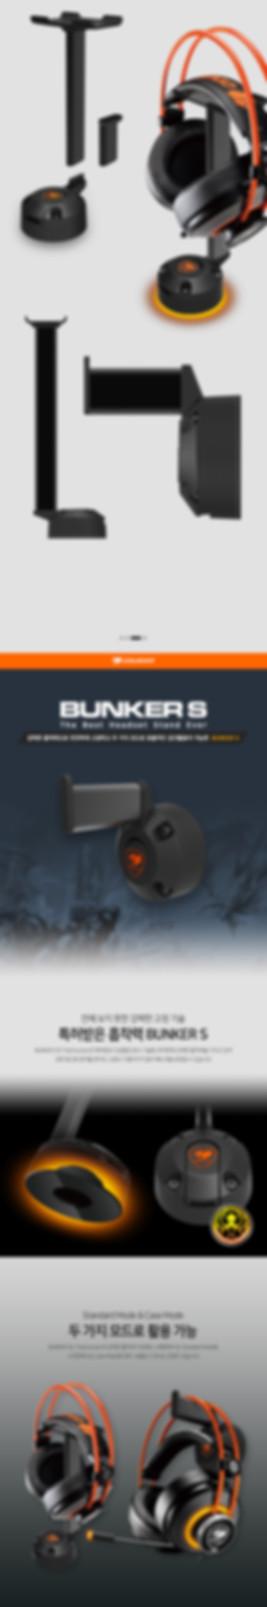 BUNKER_S_2_5362.jpg